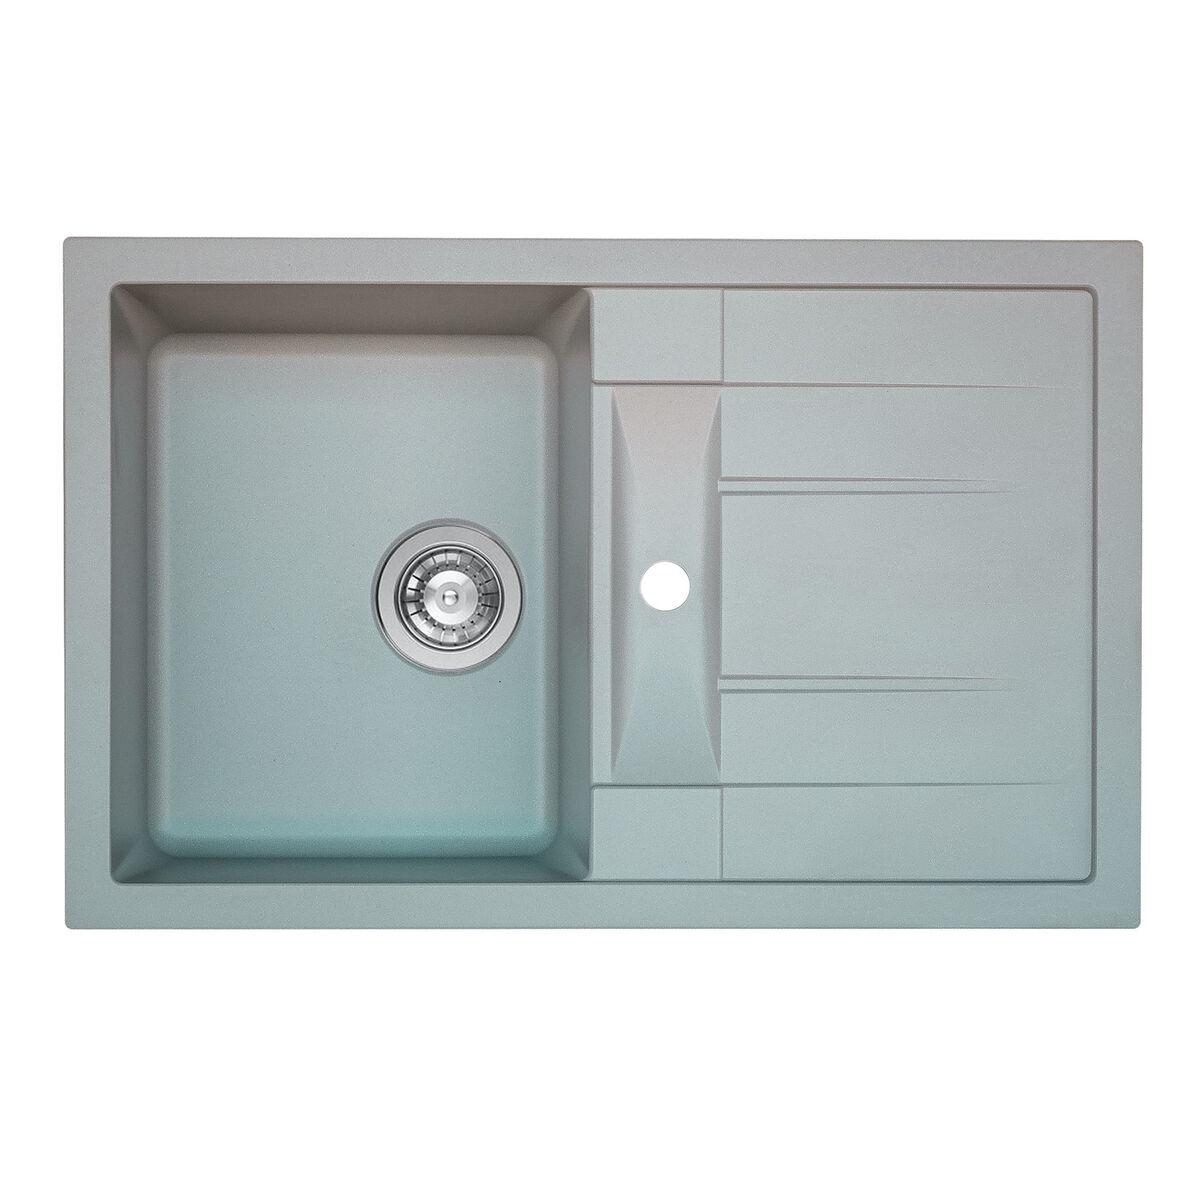 Гранитная мойка для кухни Platinum 7850 TROYA матовая Серый металлик